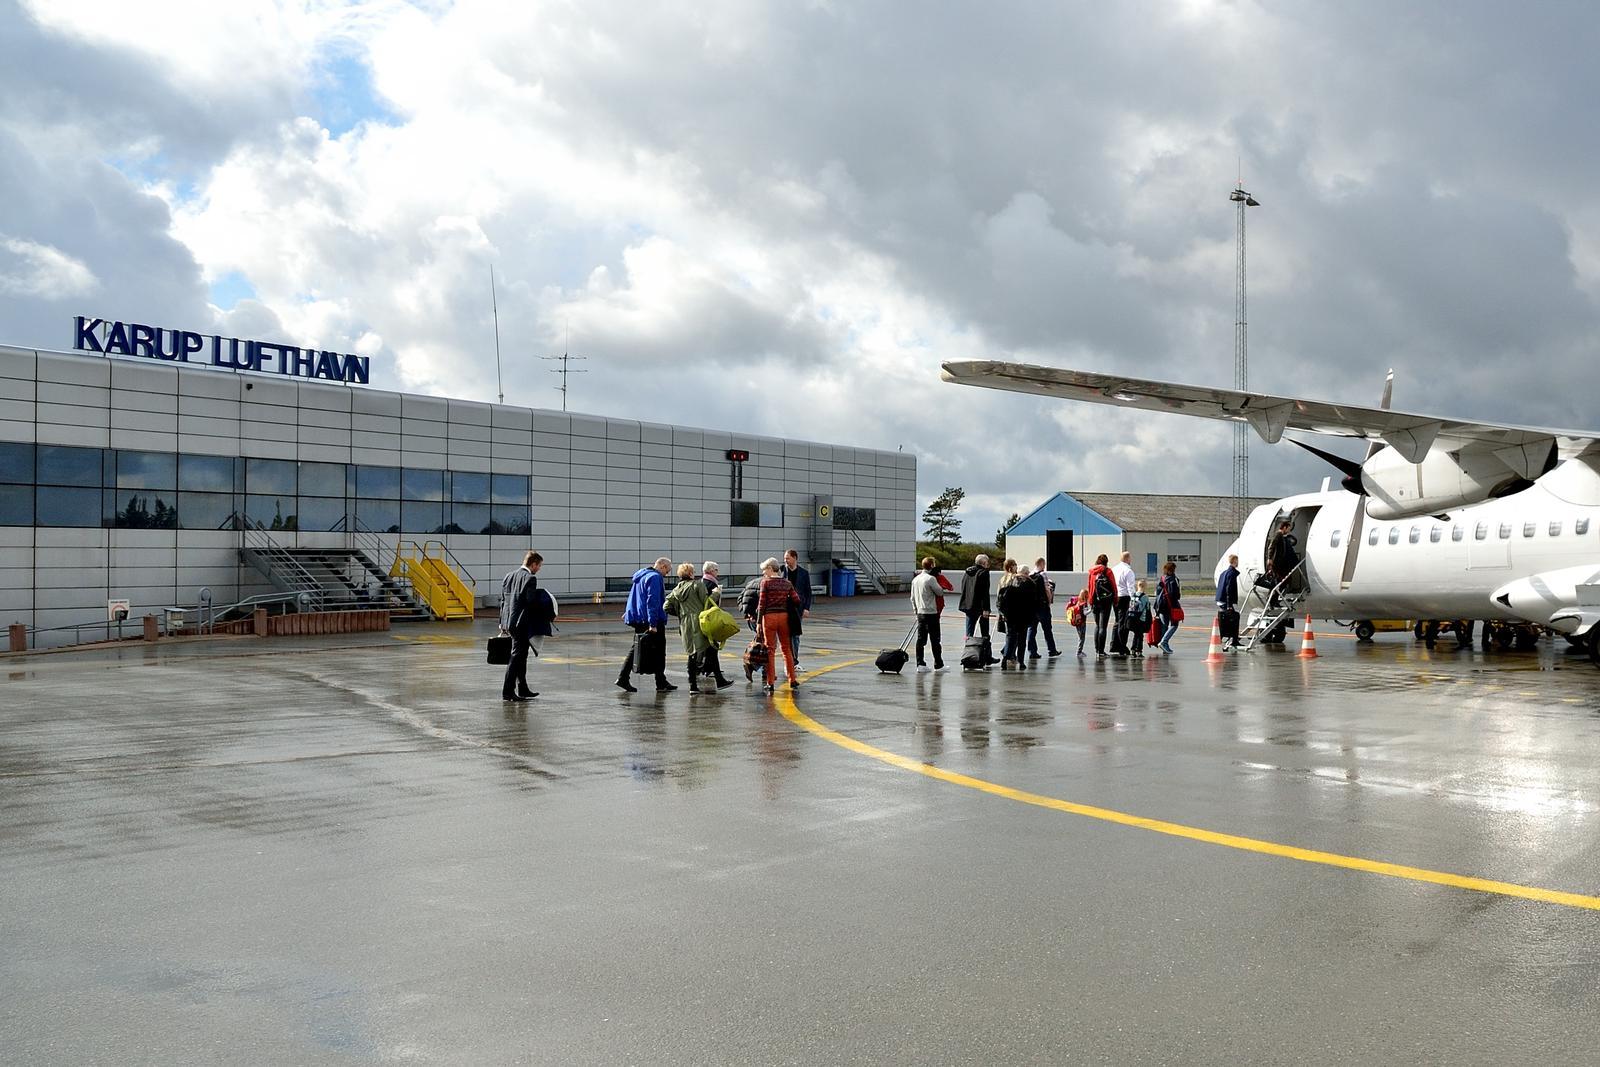 Karup Lufthavn (Foto: Morten Lund Tiirikainen)